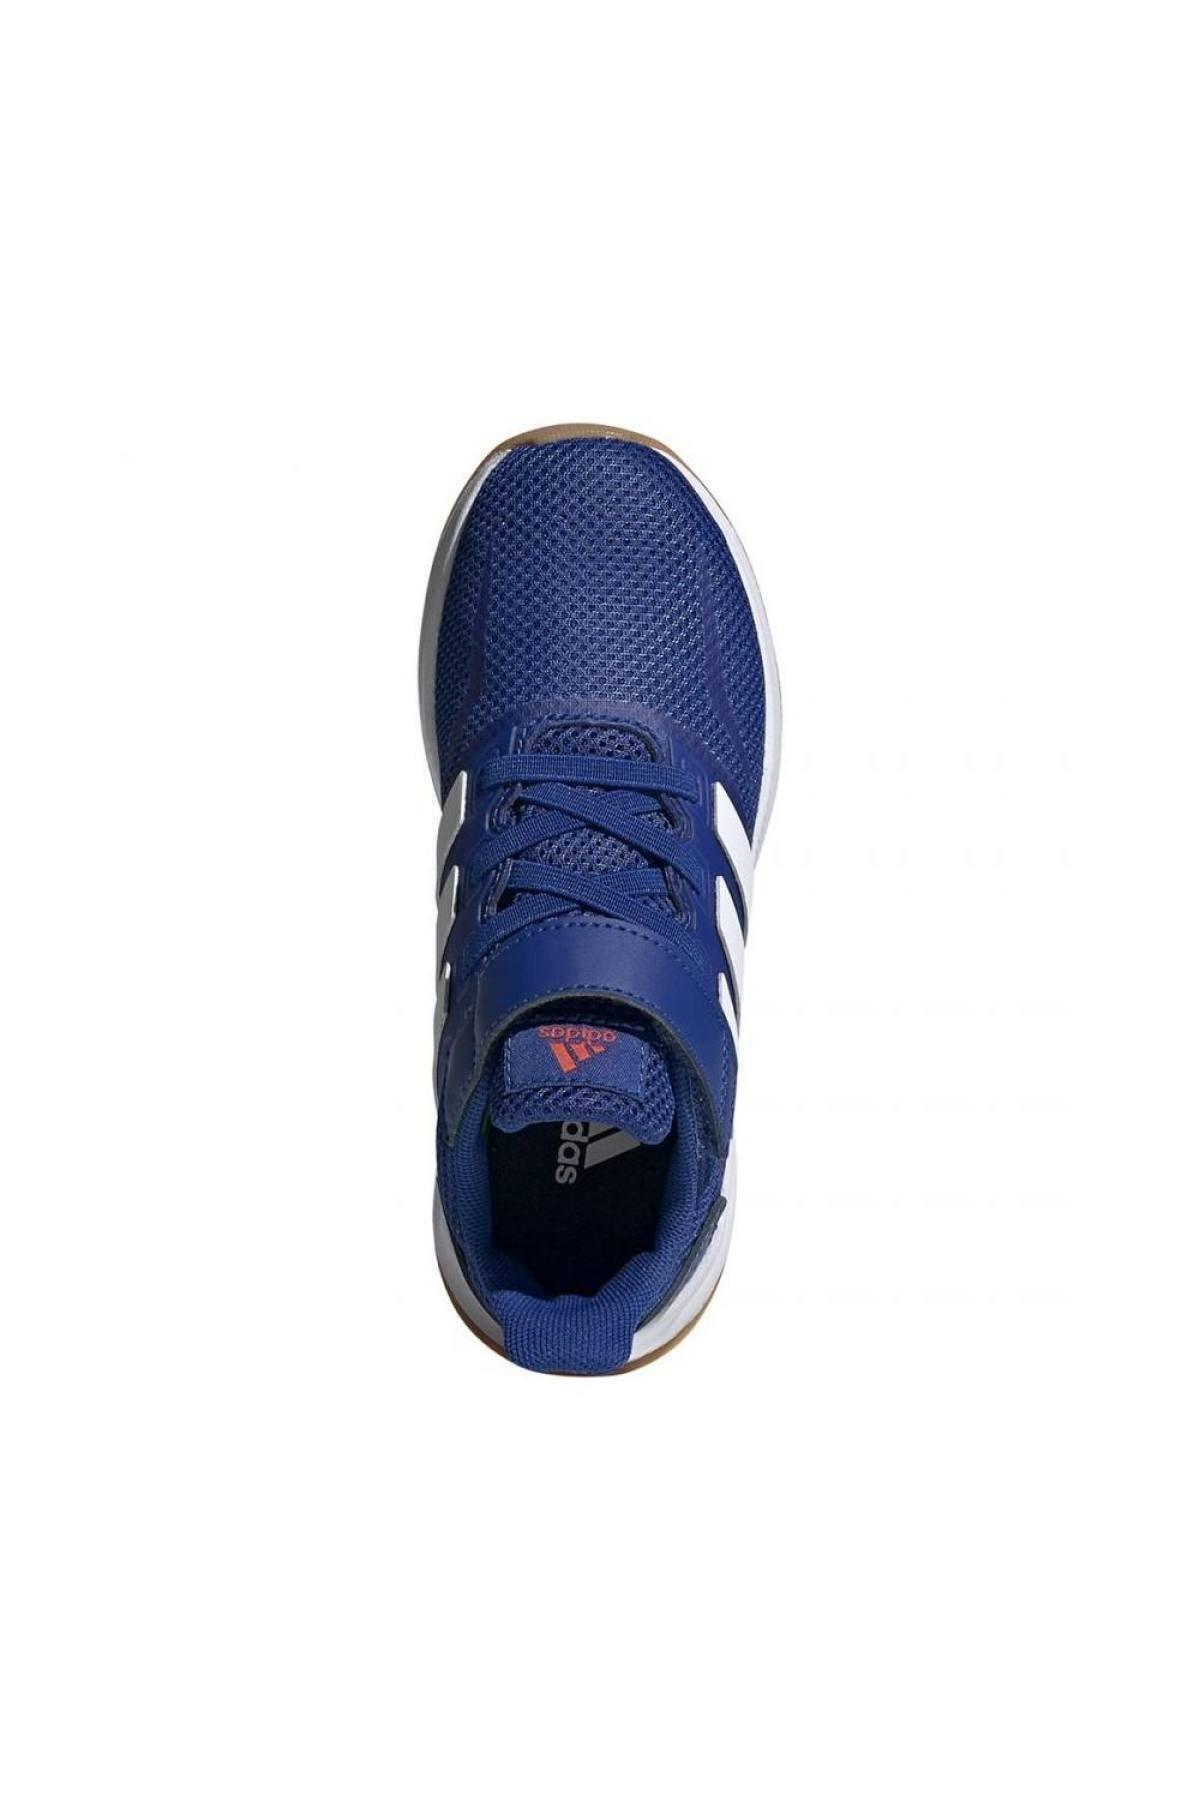 adidas Runfalcon C 2